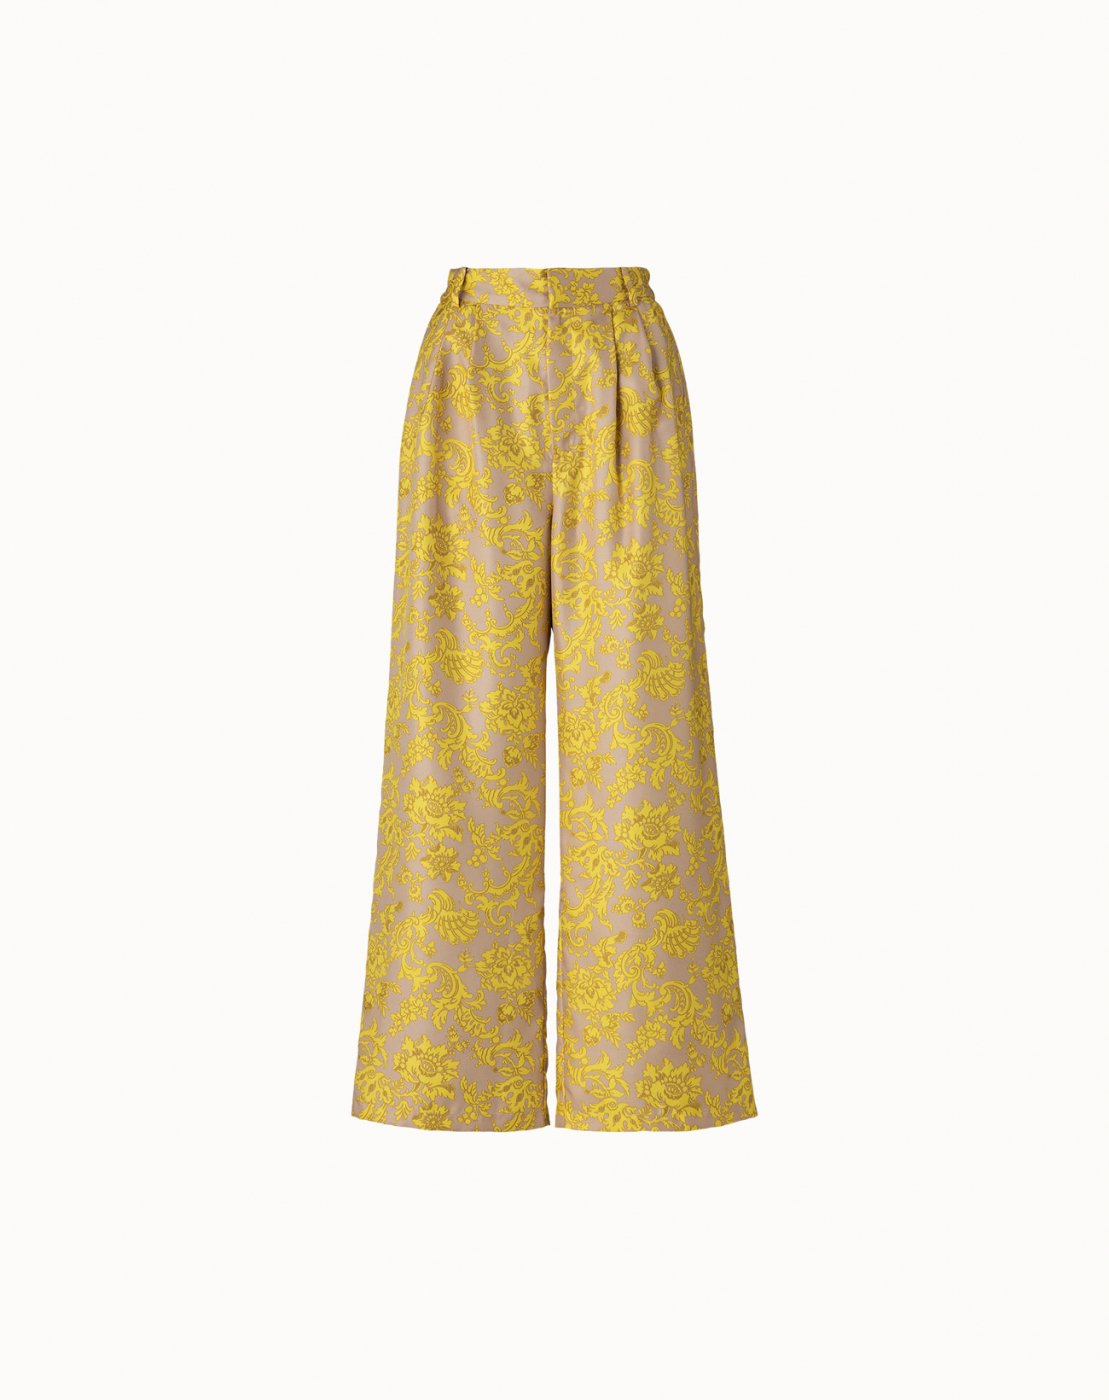 leur logette - Wallpaper Print Pants - Yellow